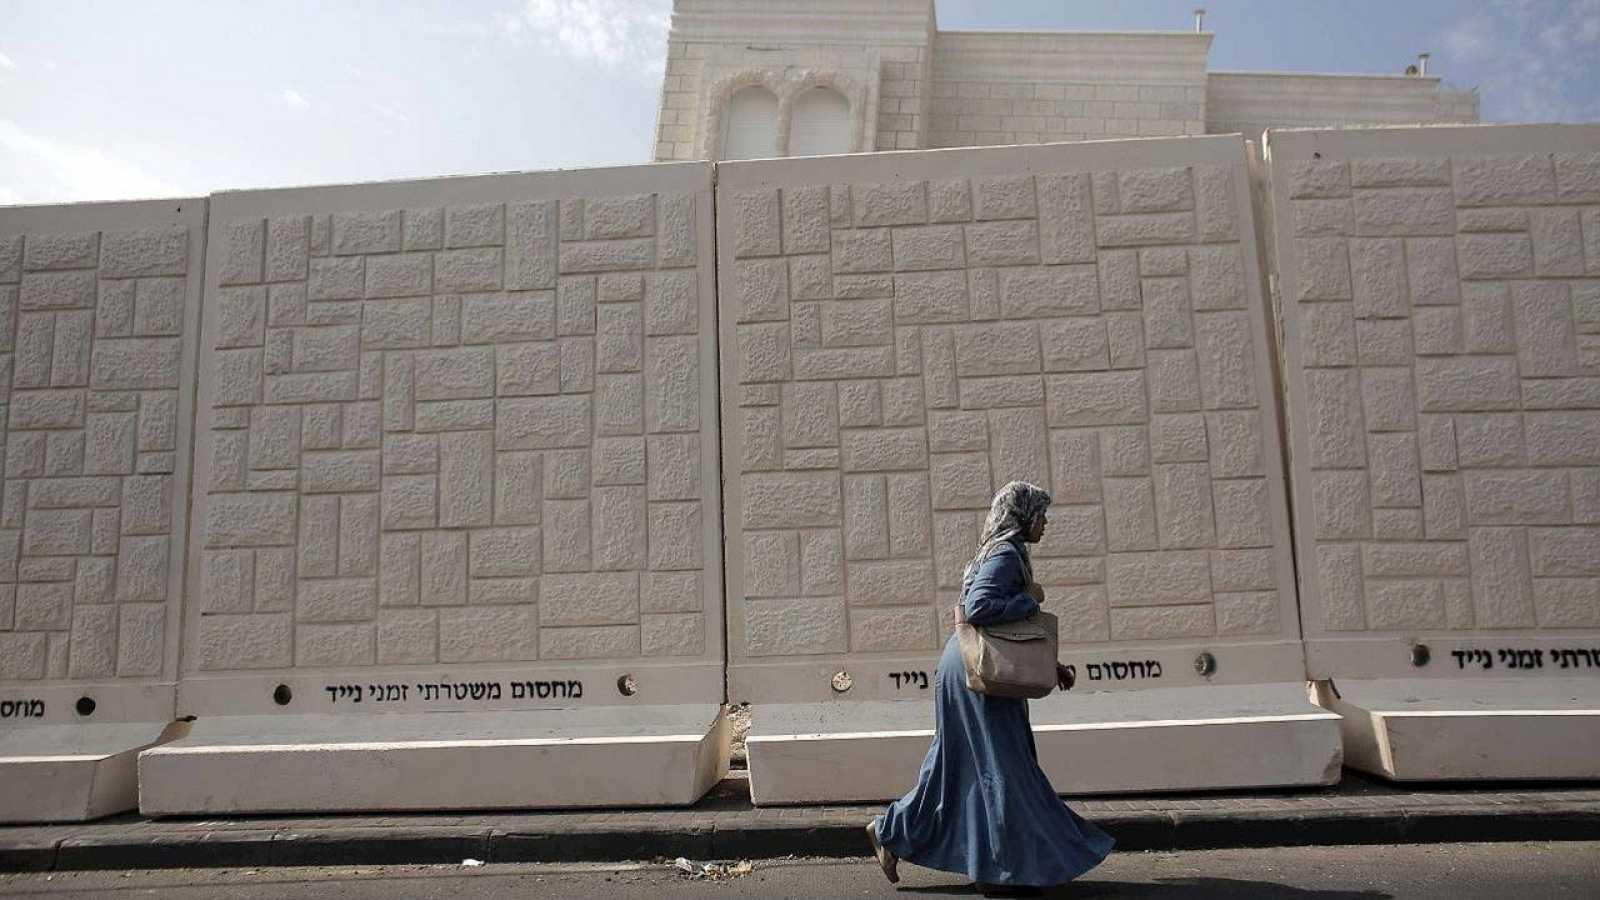 """Una mujer palestina pasa junto a uno de los muros de cemento erigidos por la Policía israelí en el barrio de Yabal Mukaber, en Jerusalén Este. En el muro, en hebreo, se puede leer: """"Barrera policial de separación temporal"""""""